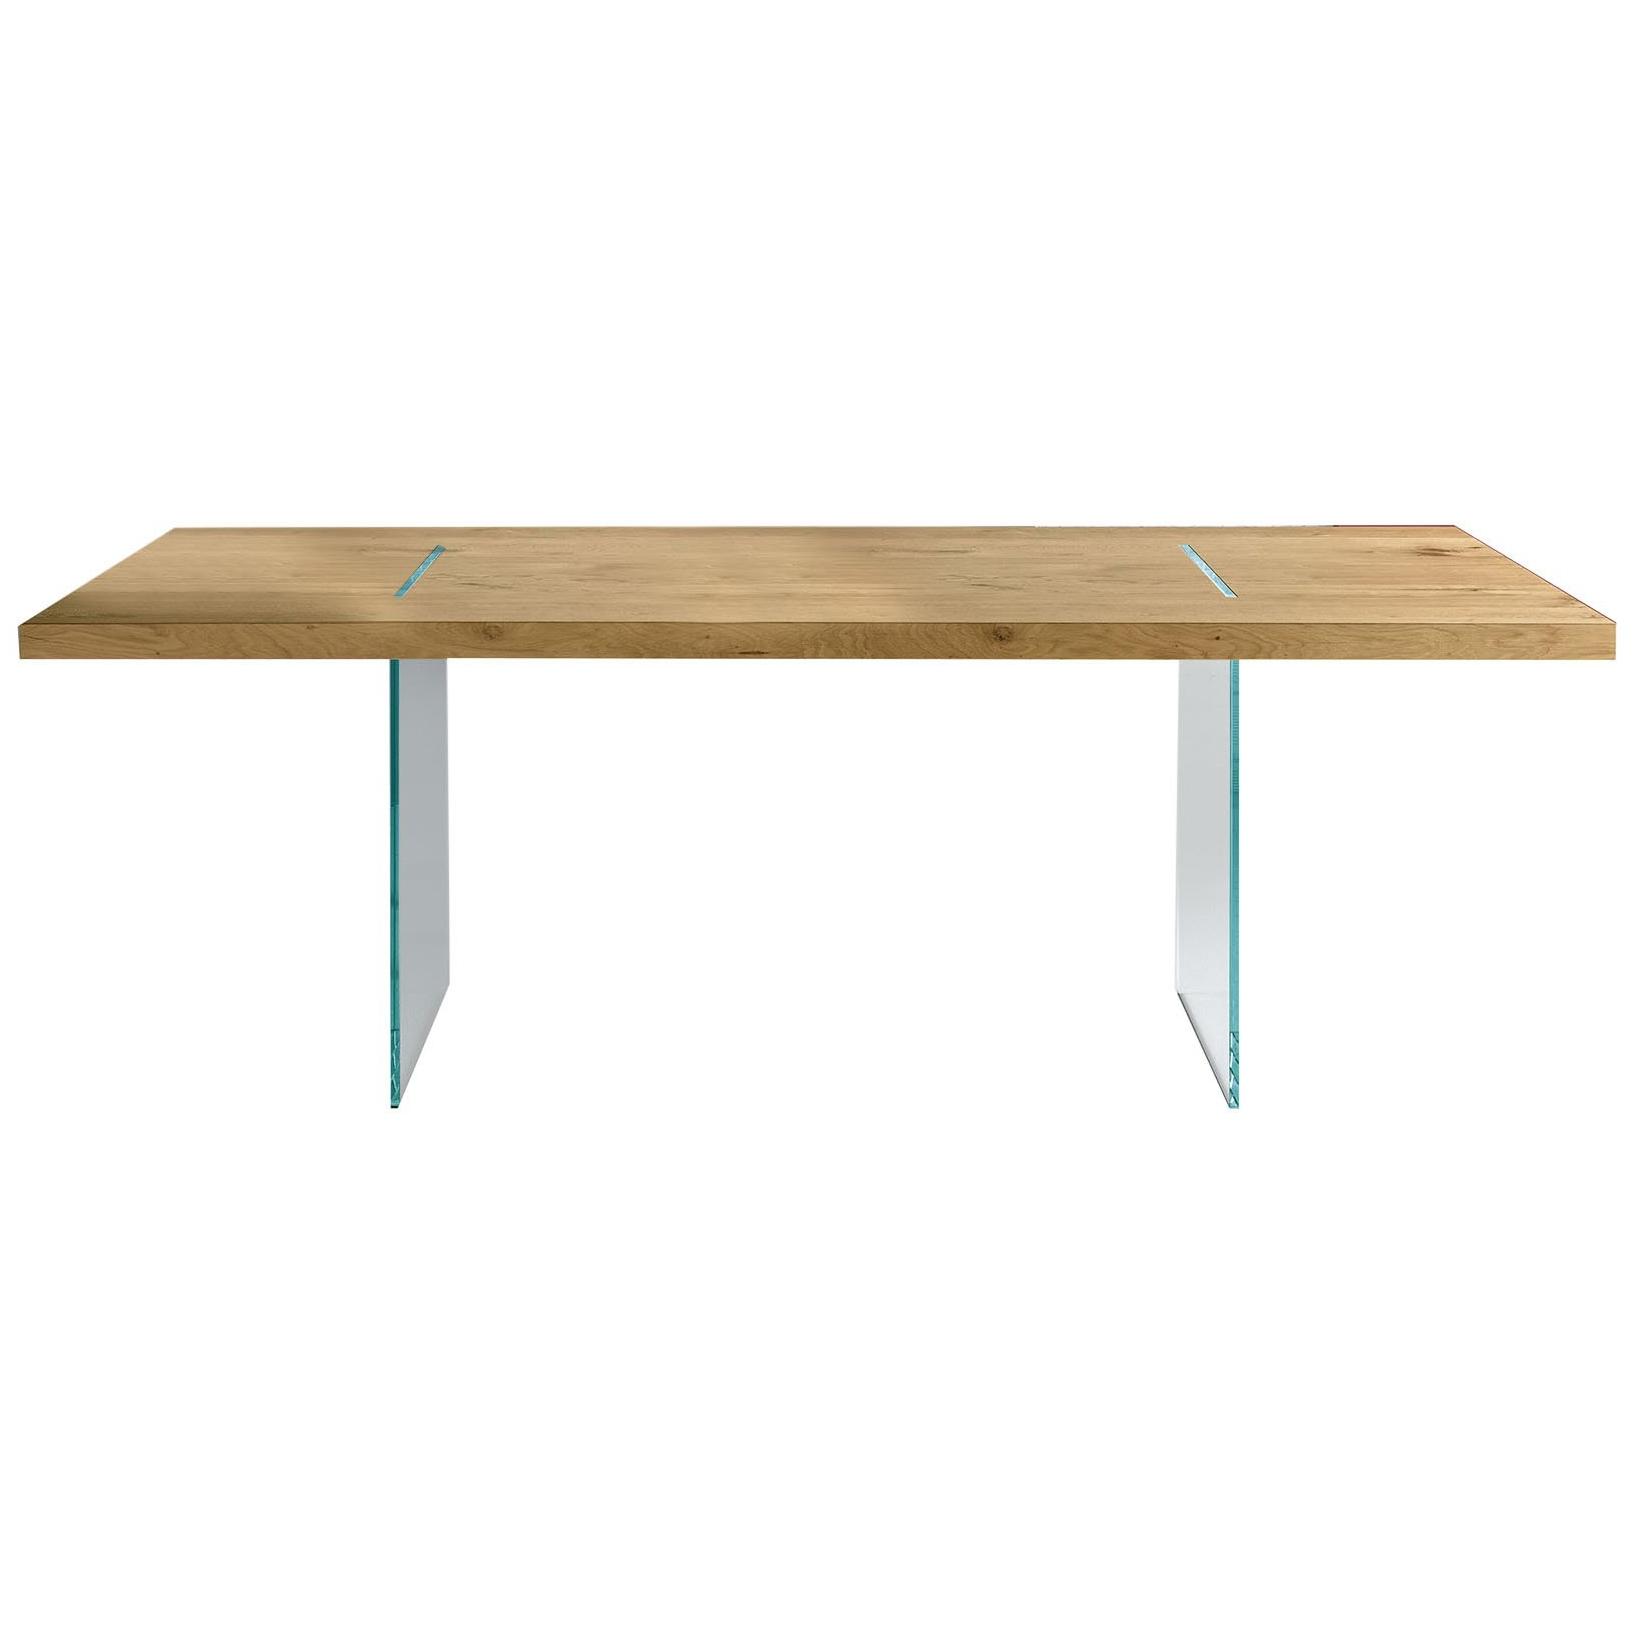 TONELLI jídelní stoly Tavolante Aged Oak (240 x 120 cm)